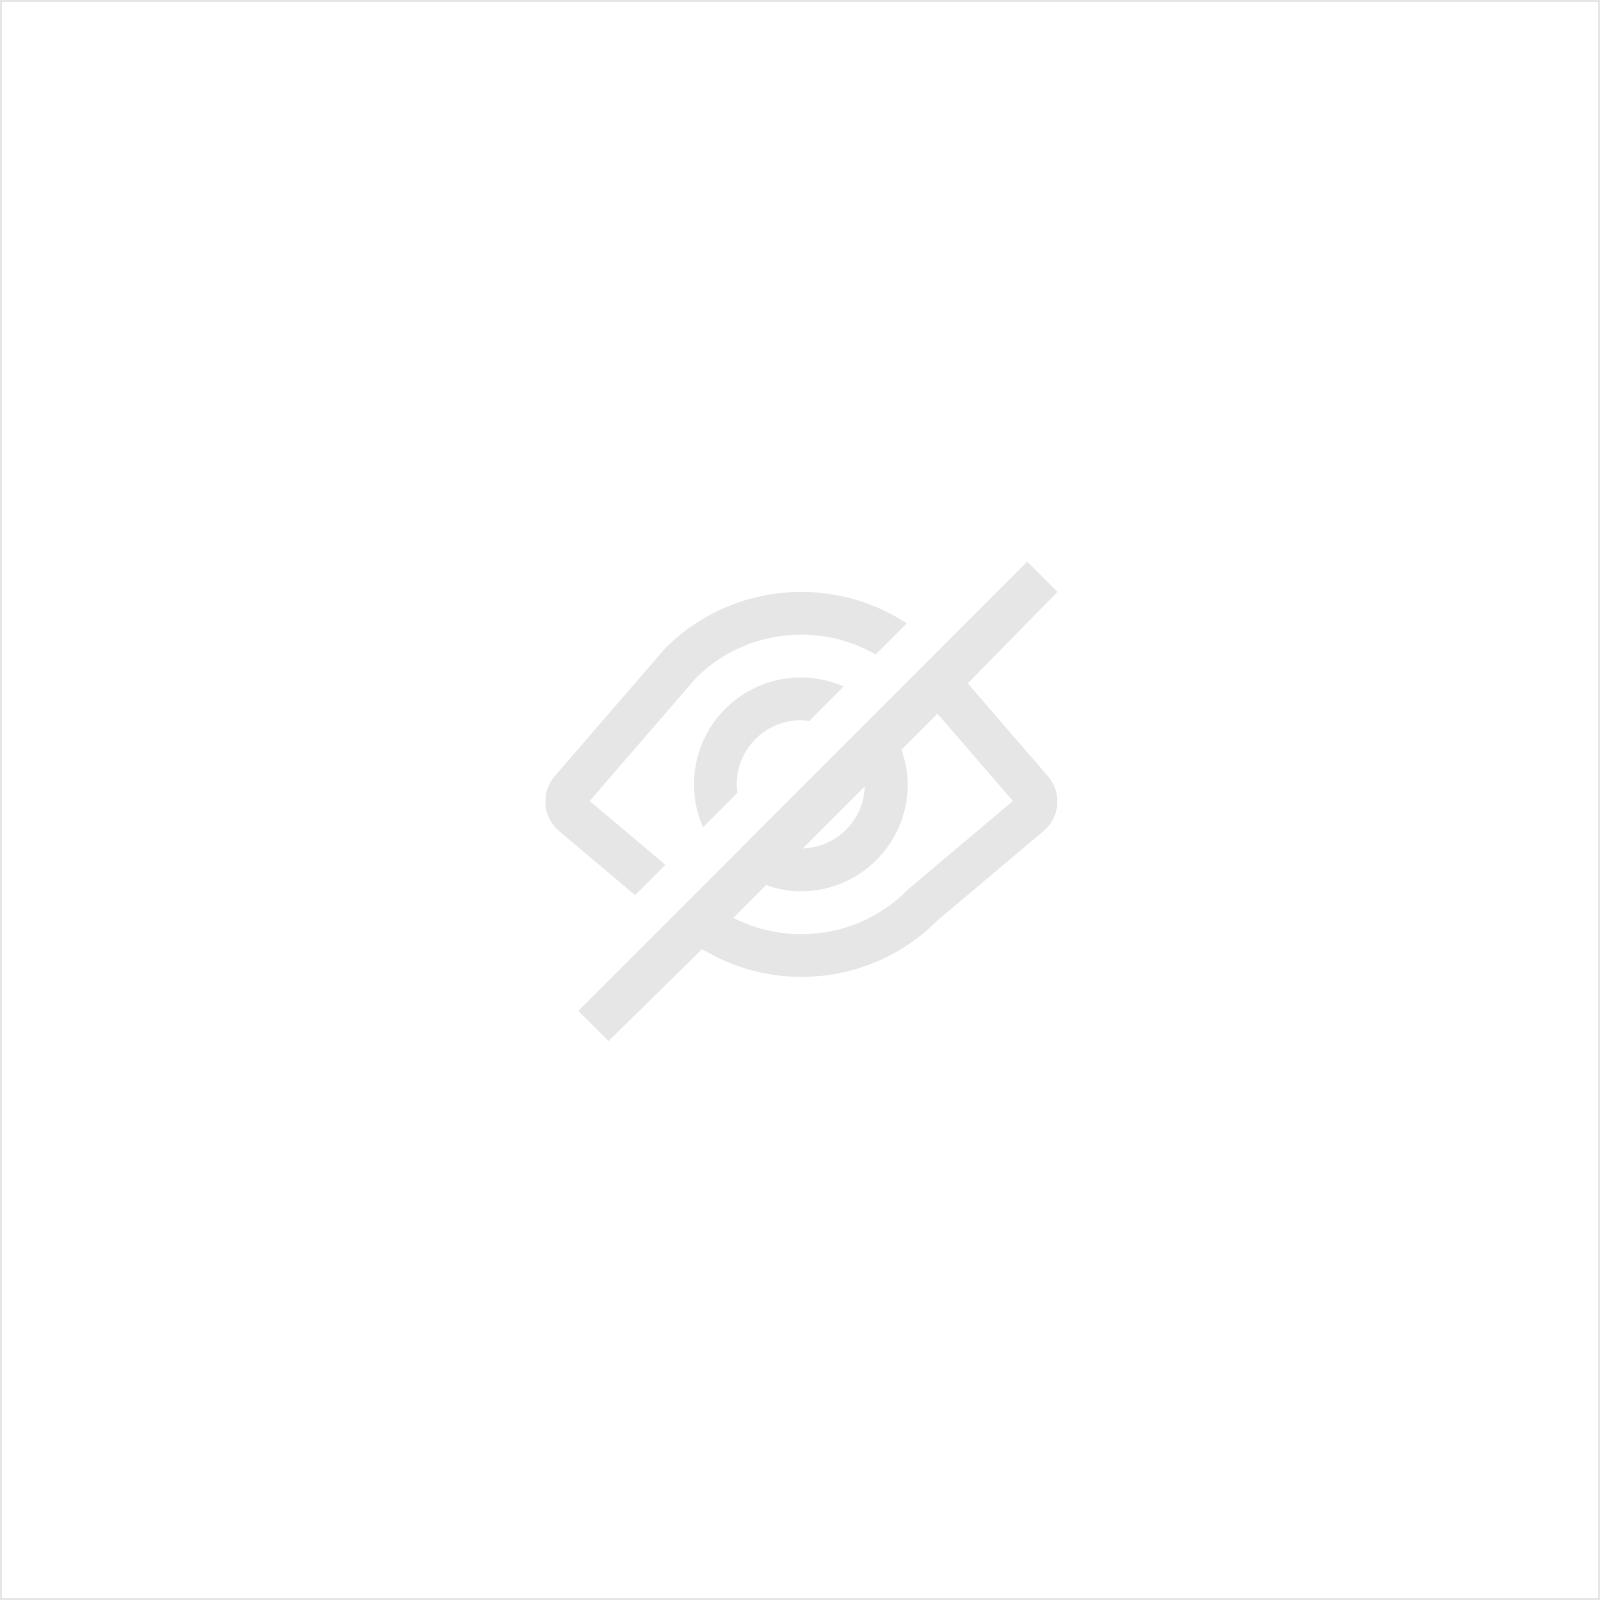 OPTIONEEL FLAT BEAD ROLL SET 5/16 VOOR BOORD EN LIJSTMACHINE